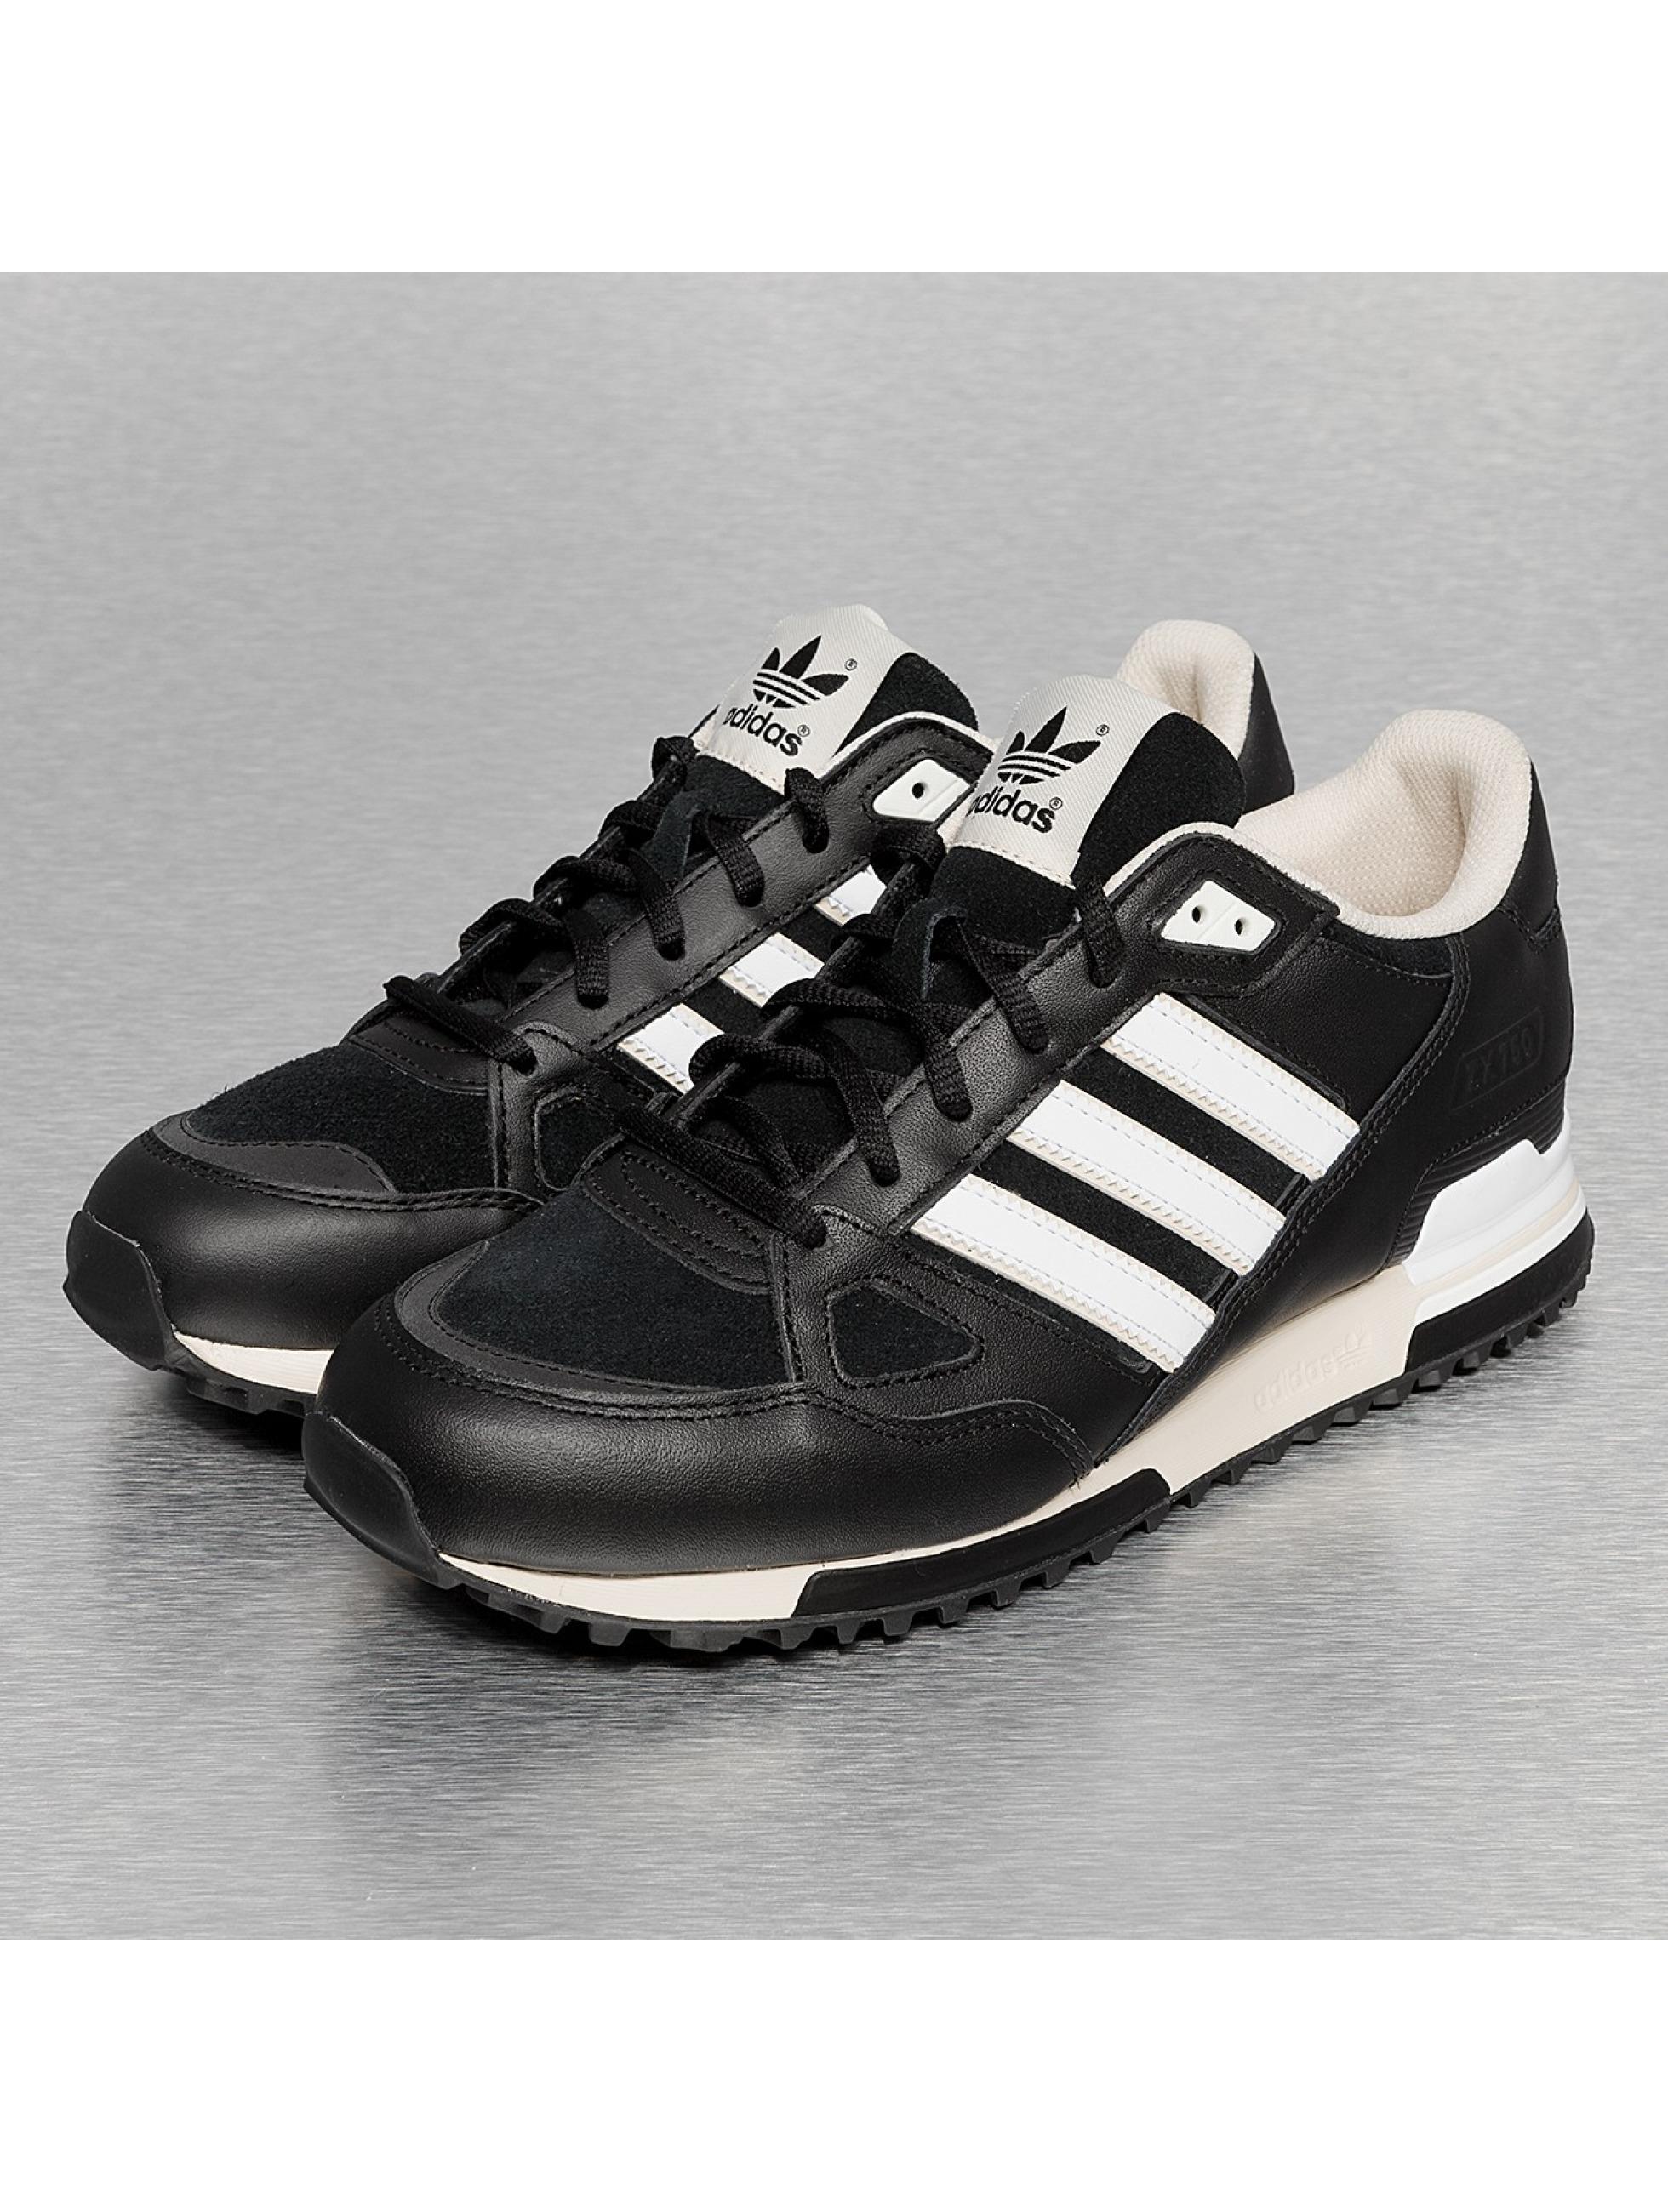 adidas zx 750 zwart wit